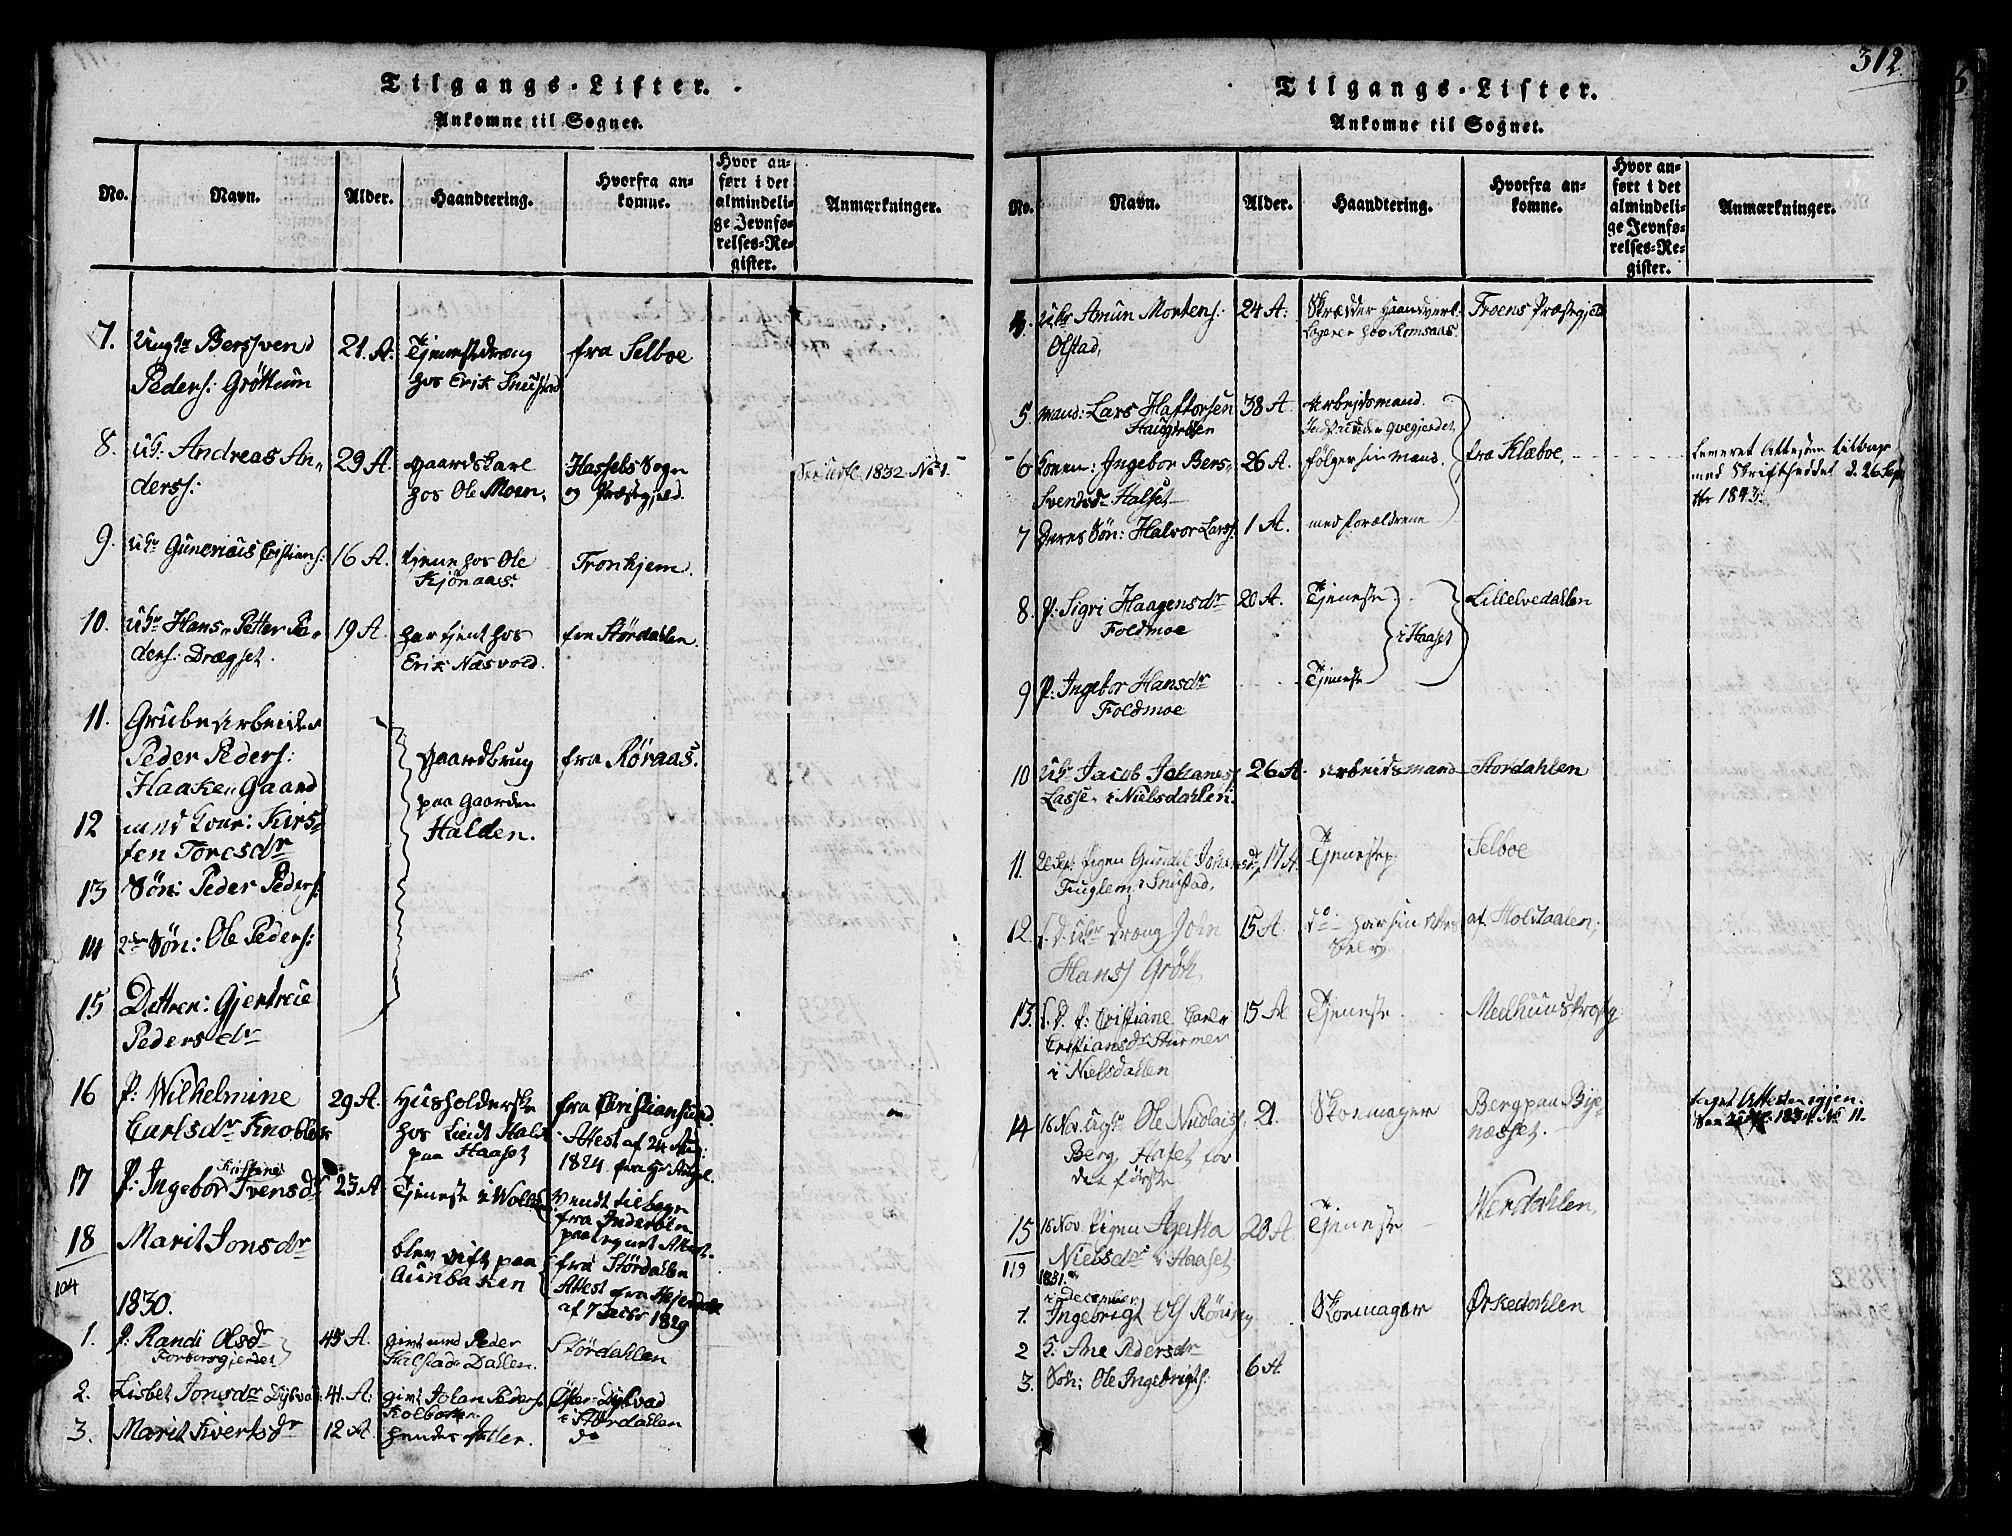 SAT, Ministerialprotokoller, klokkerbøker og fødselsregistre - Sør-Trøndelag, 616/L0420: Klokkerbok nr. 616C03, 1817-1835, s. 312